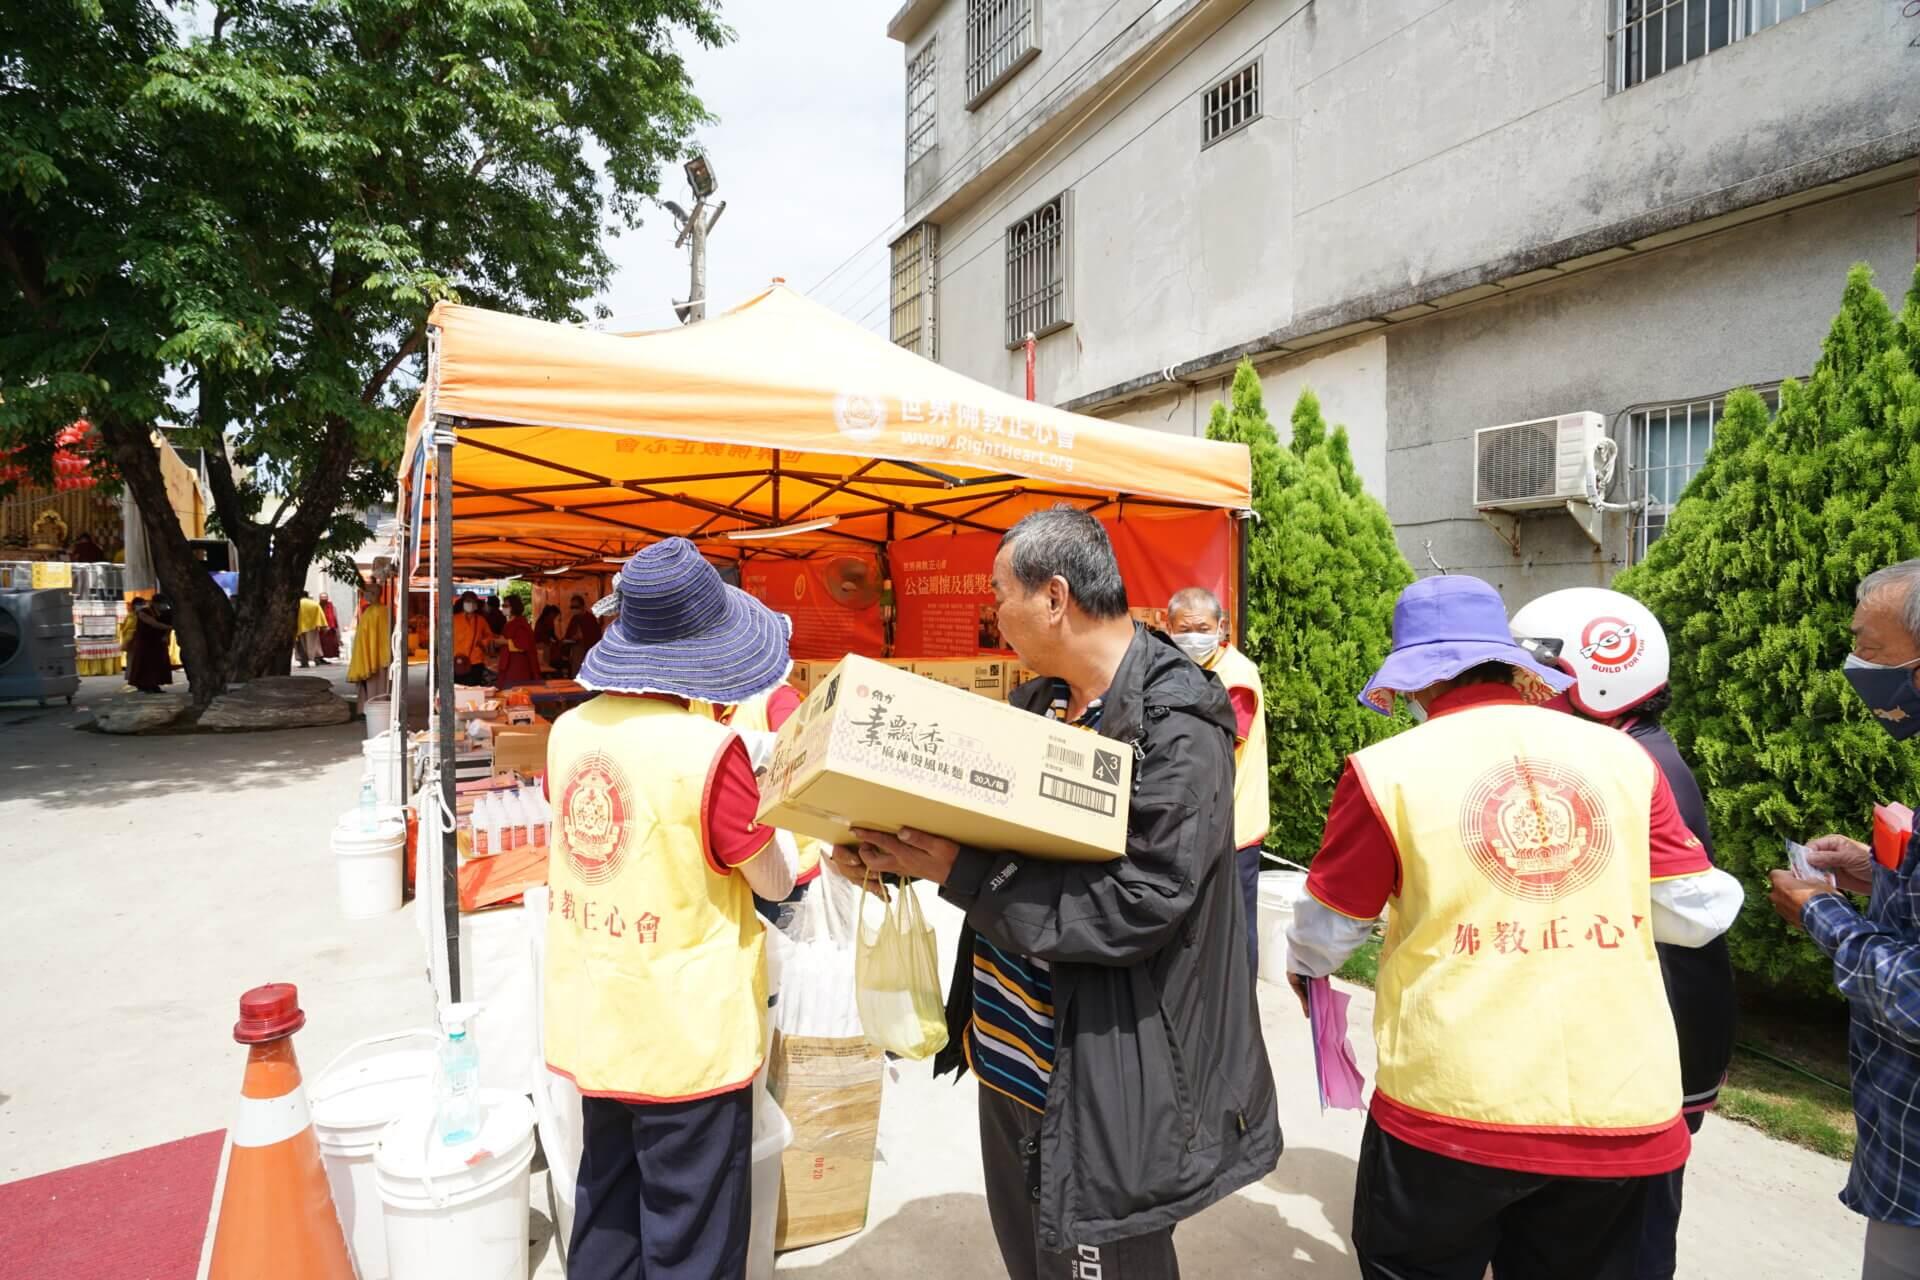 世界佛教正心會行動佛殿134站高雄梓官,本會公益關懷發送愛心物資給弱勢家庭